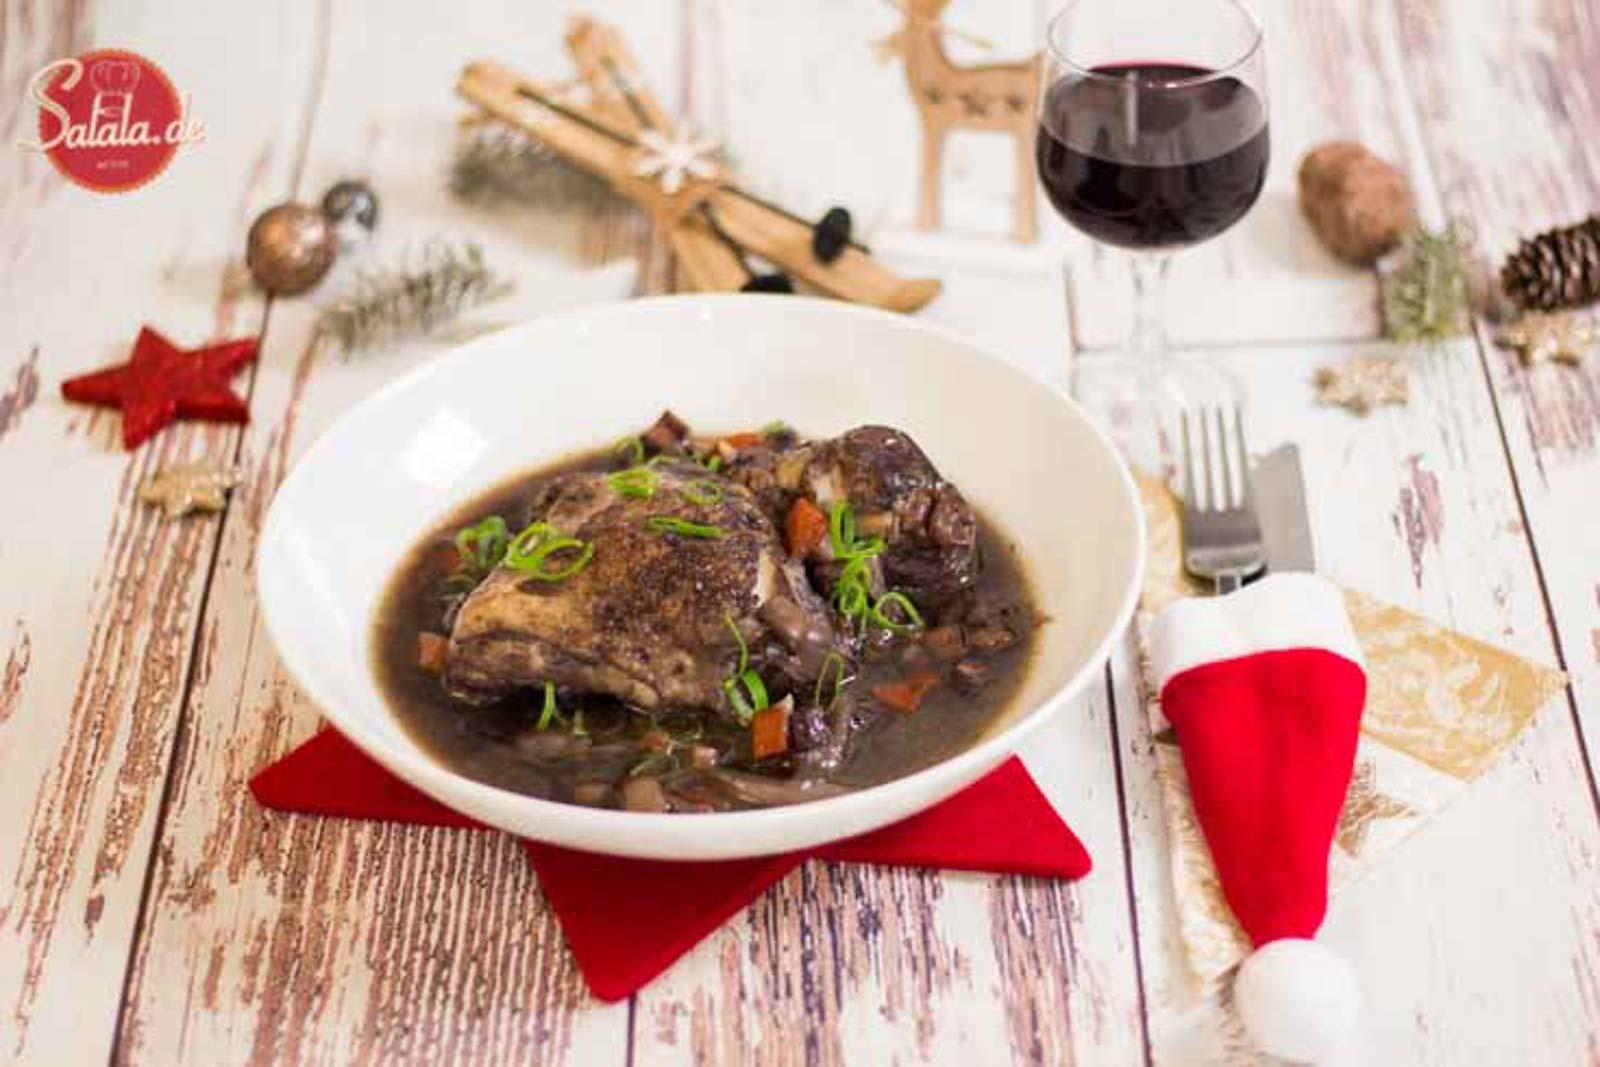 Franz Küche Rezepte | Coq Au Vin Rezept Ohne Mehl Salala De Low Carb Mit Vroni Nico